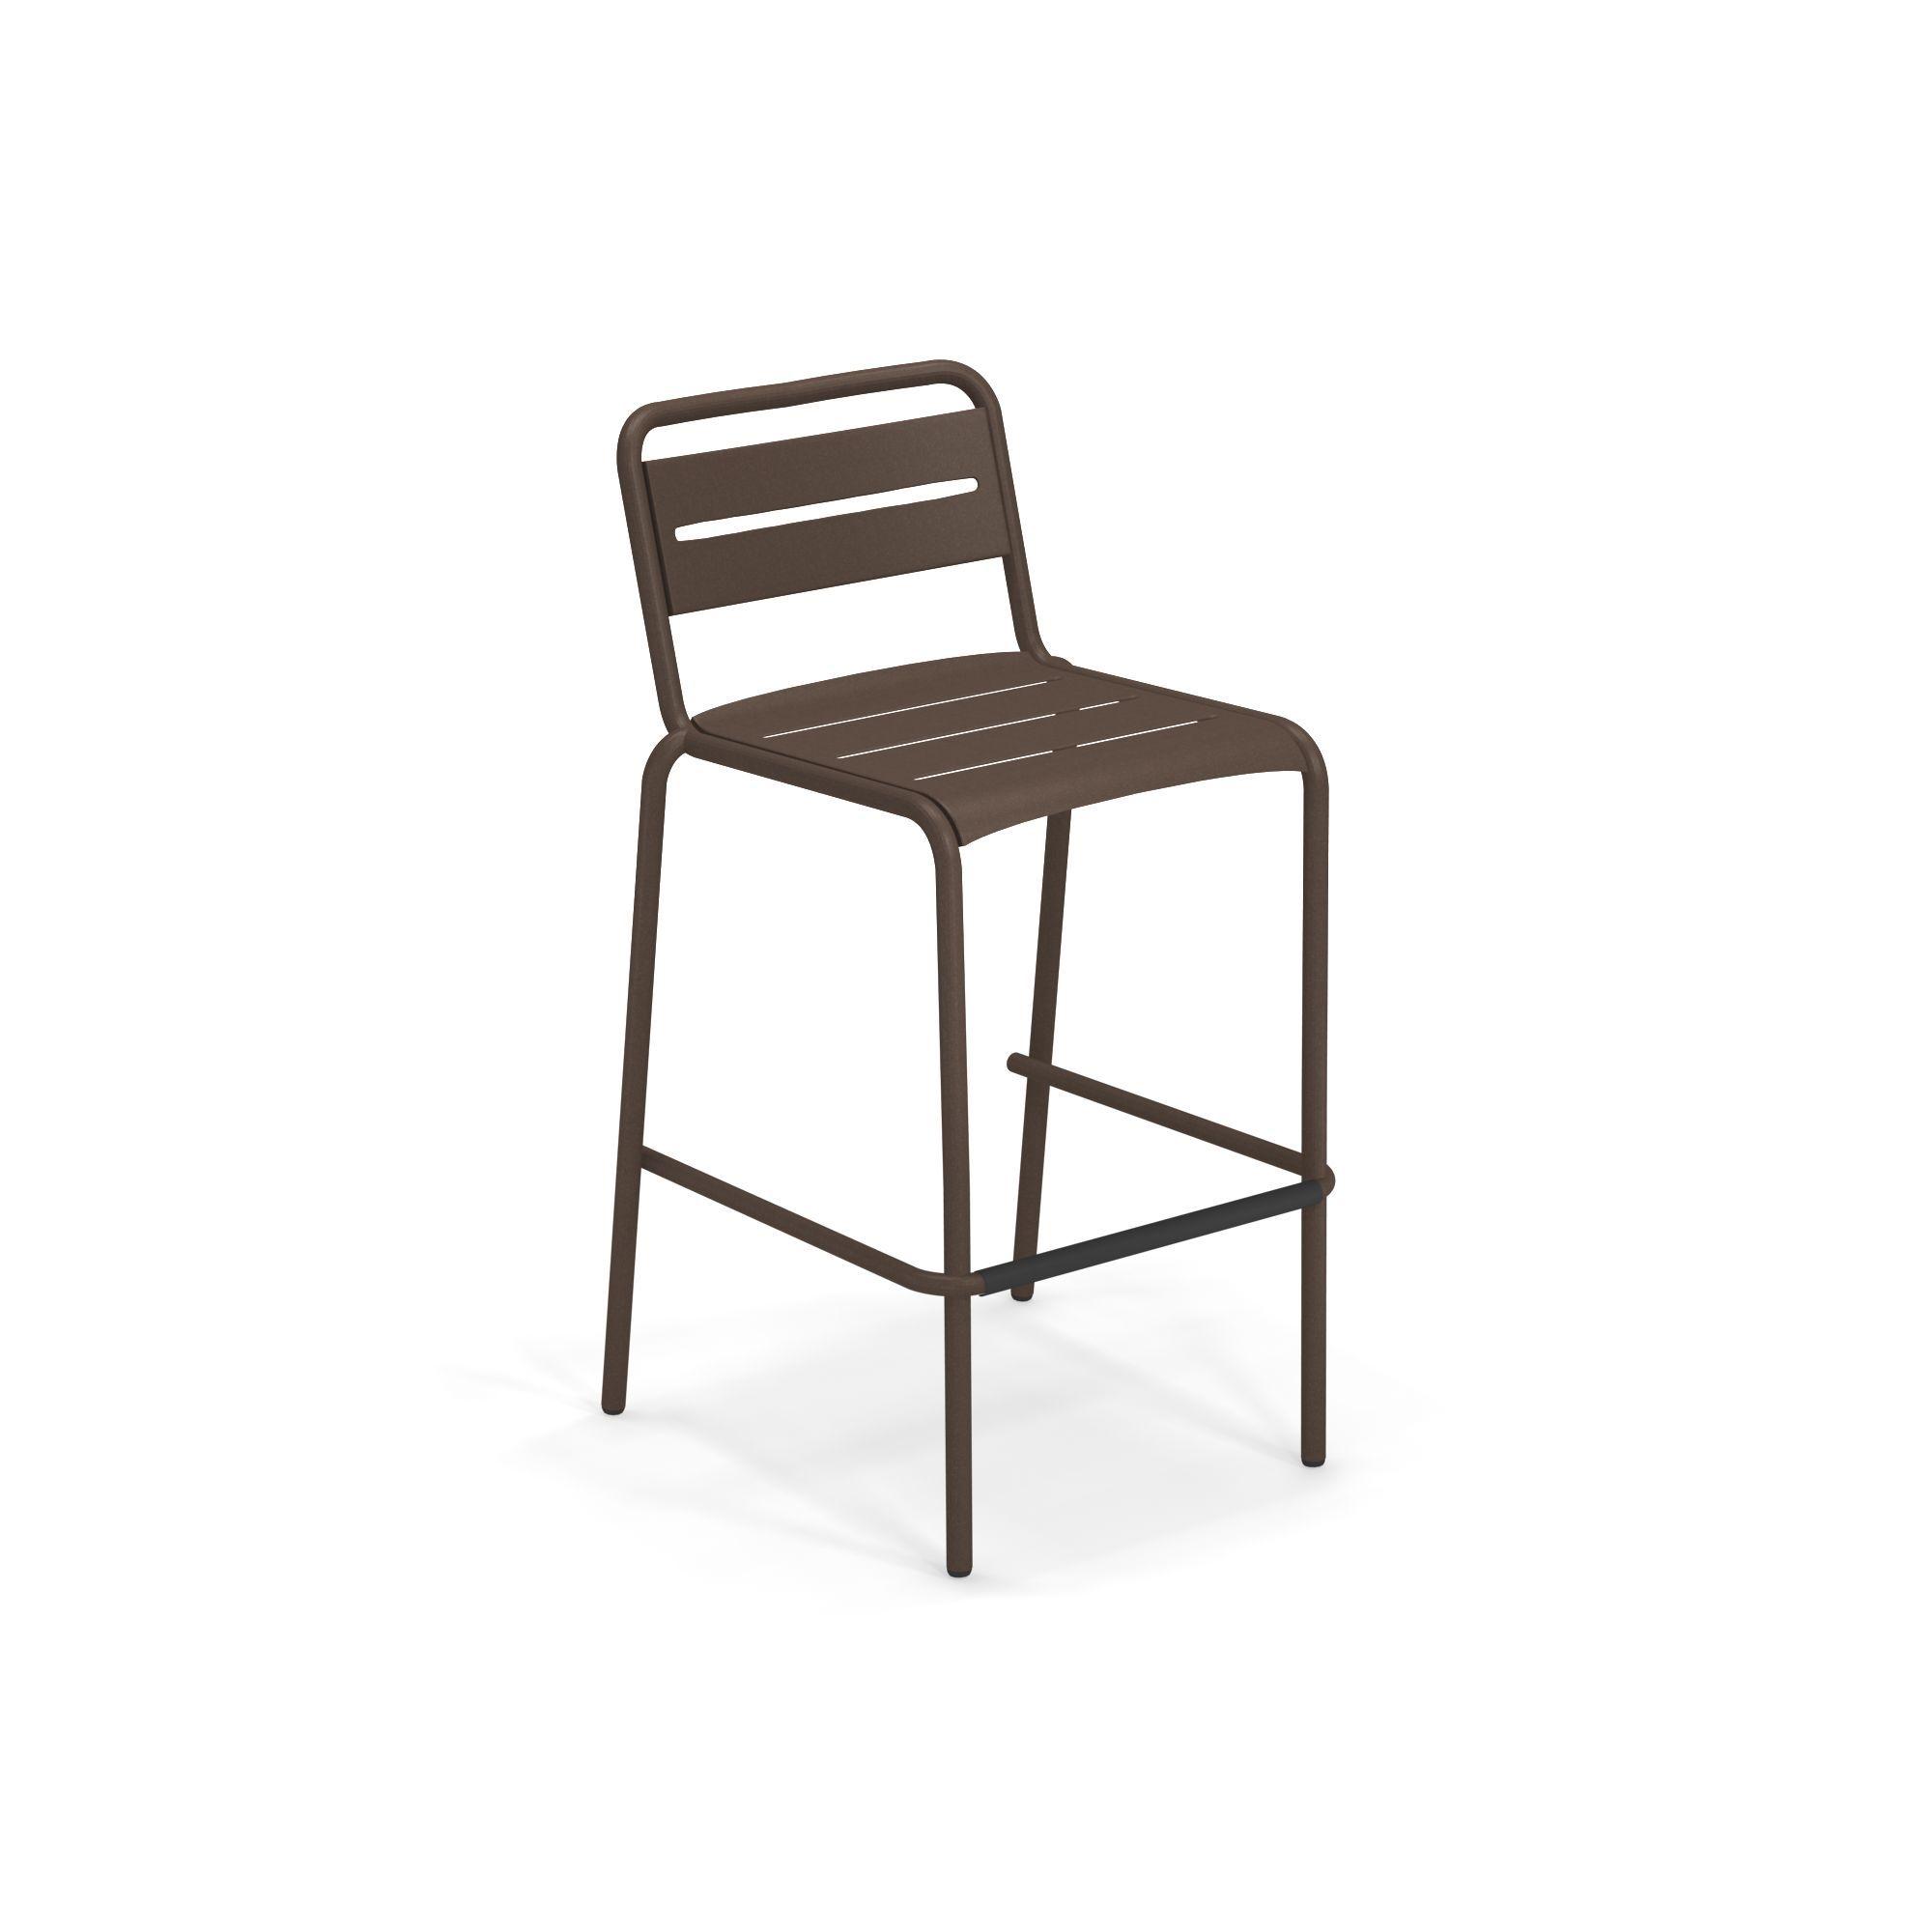 emuamericas, llc 164-41 bar stool, stacking, outdoor